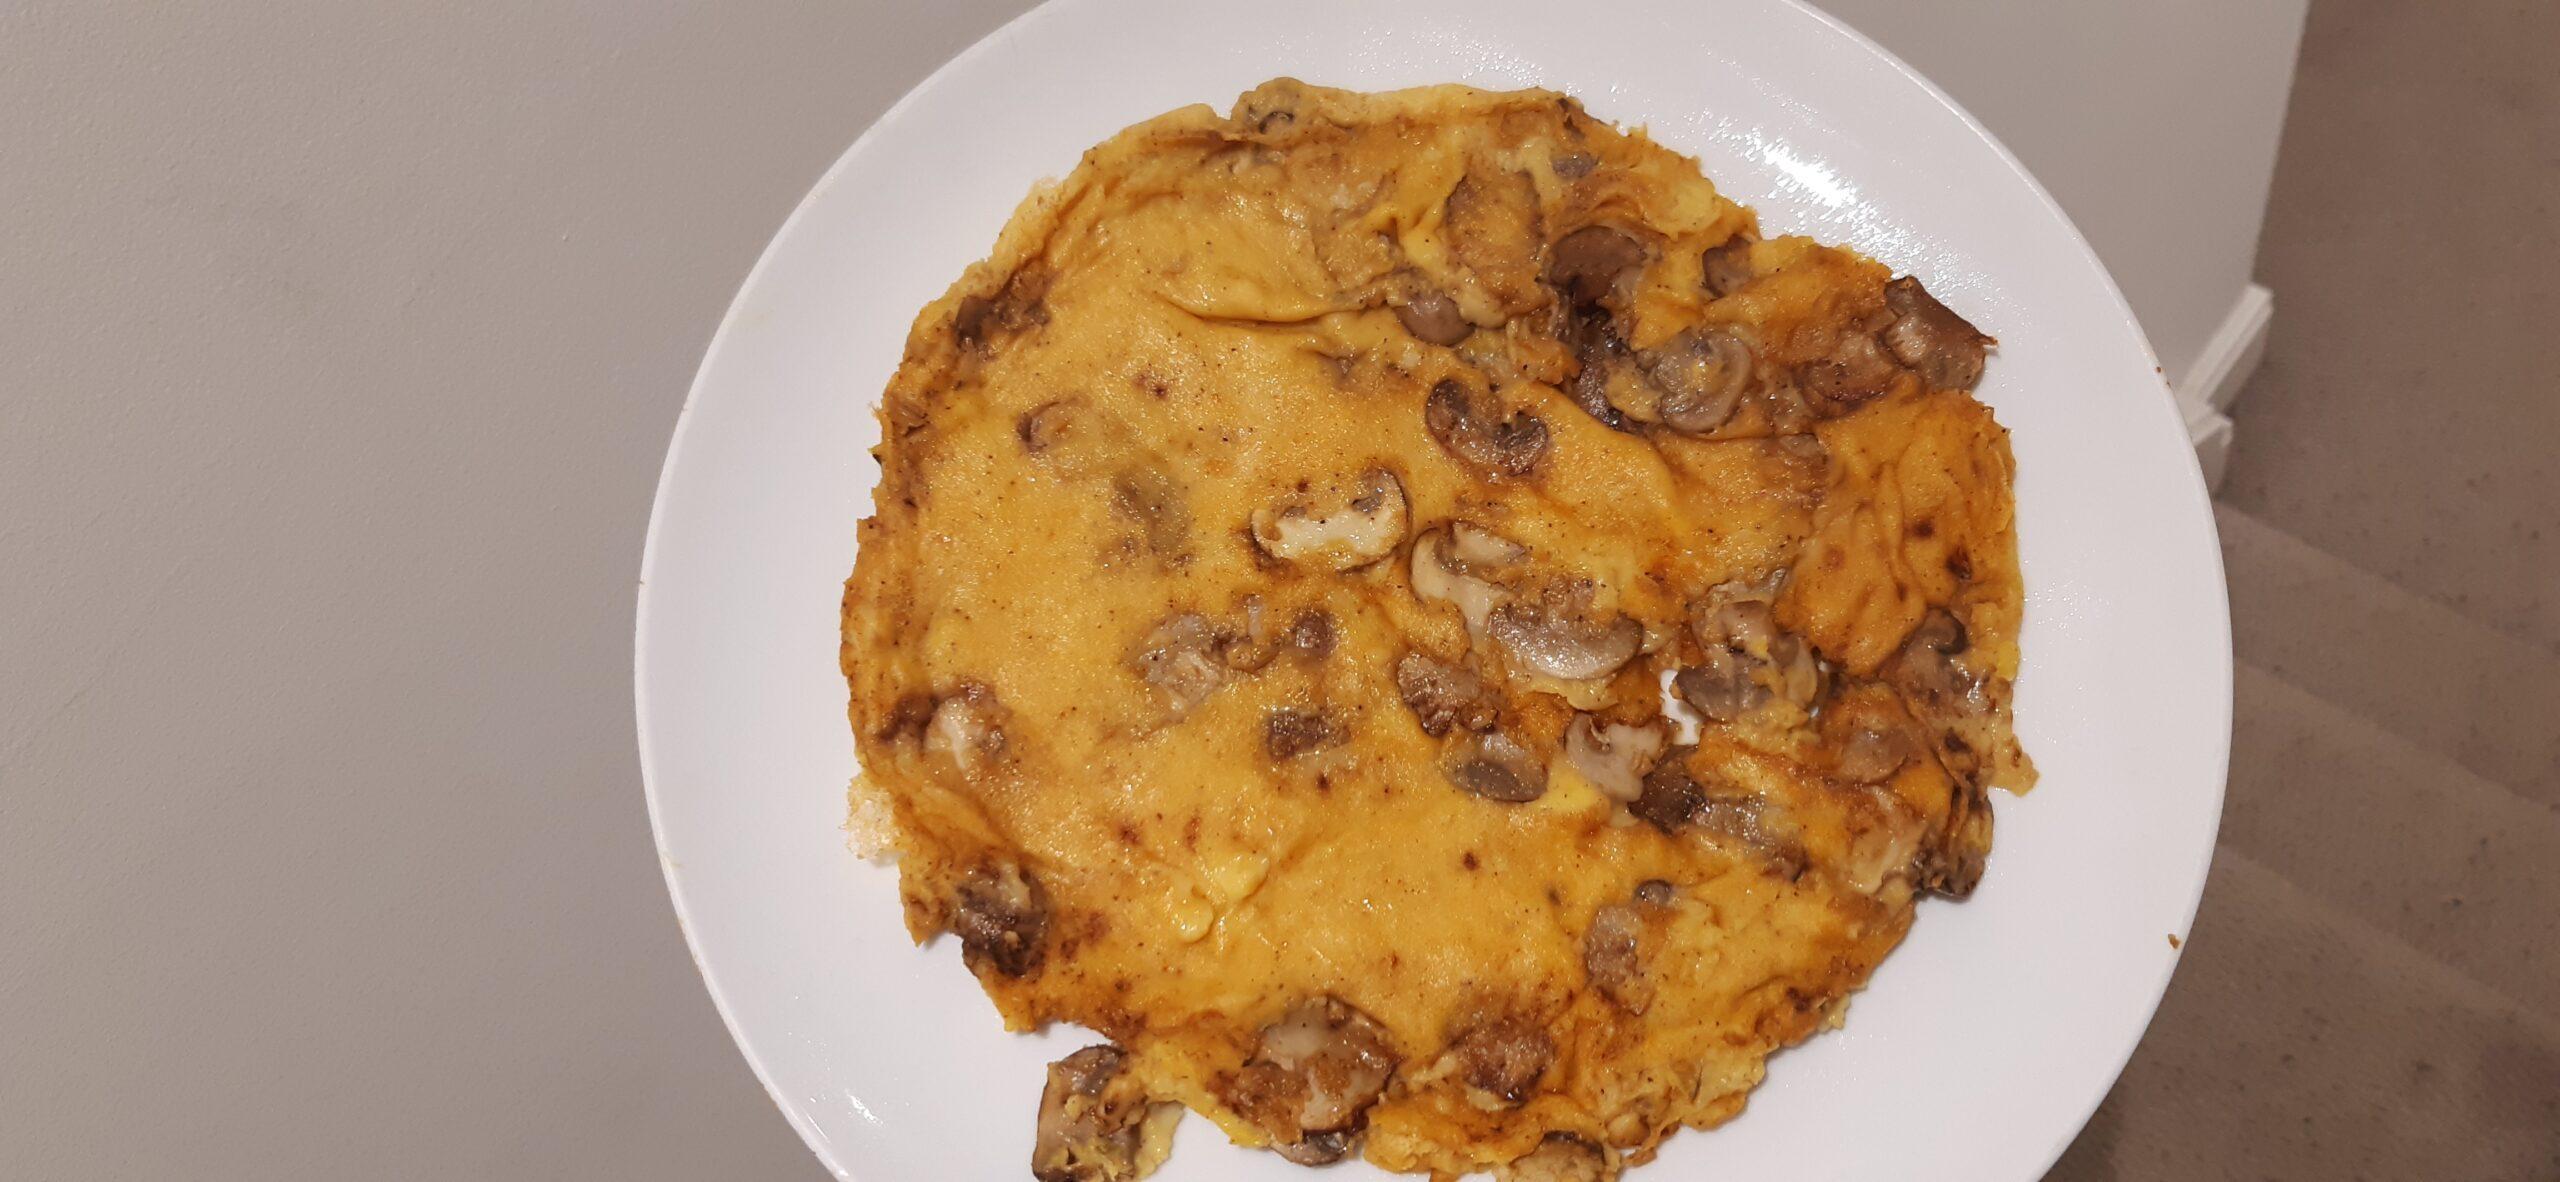 Veganised mushroom omelette